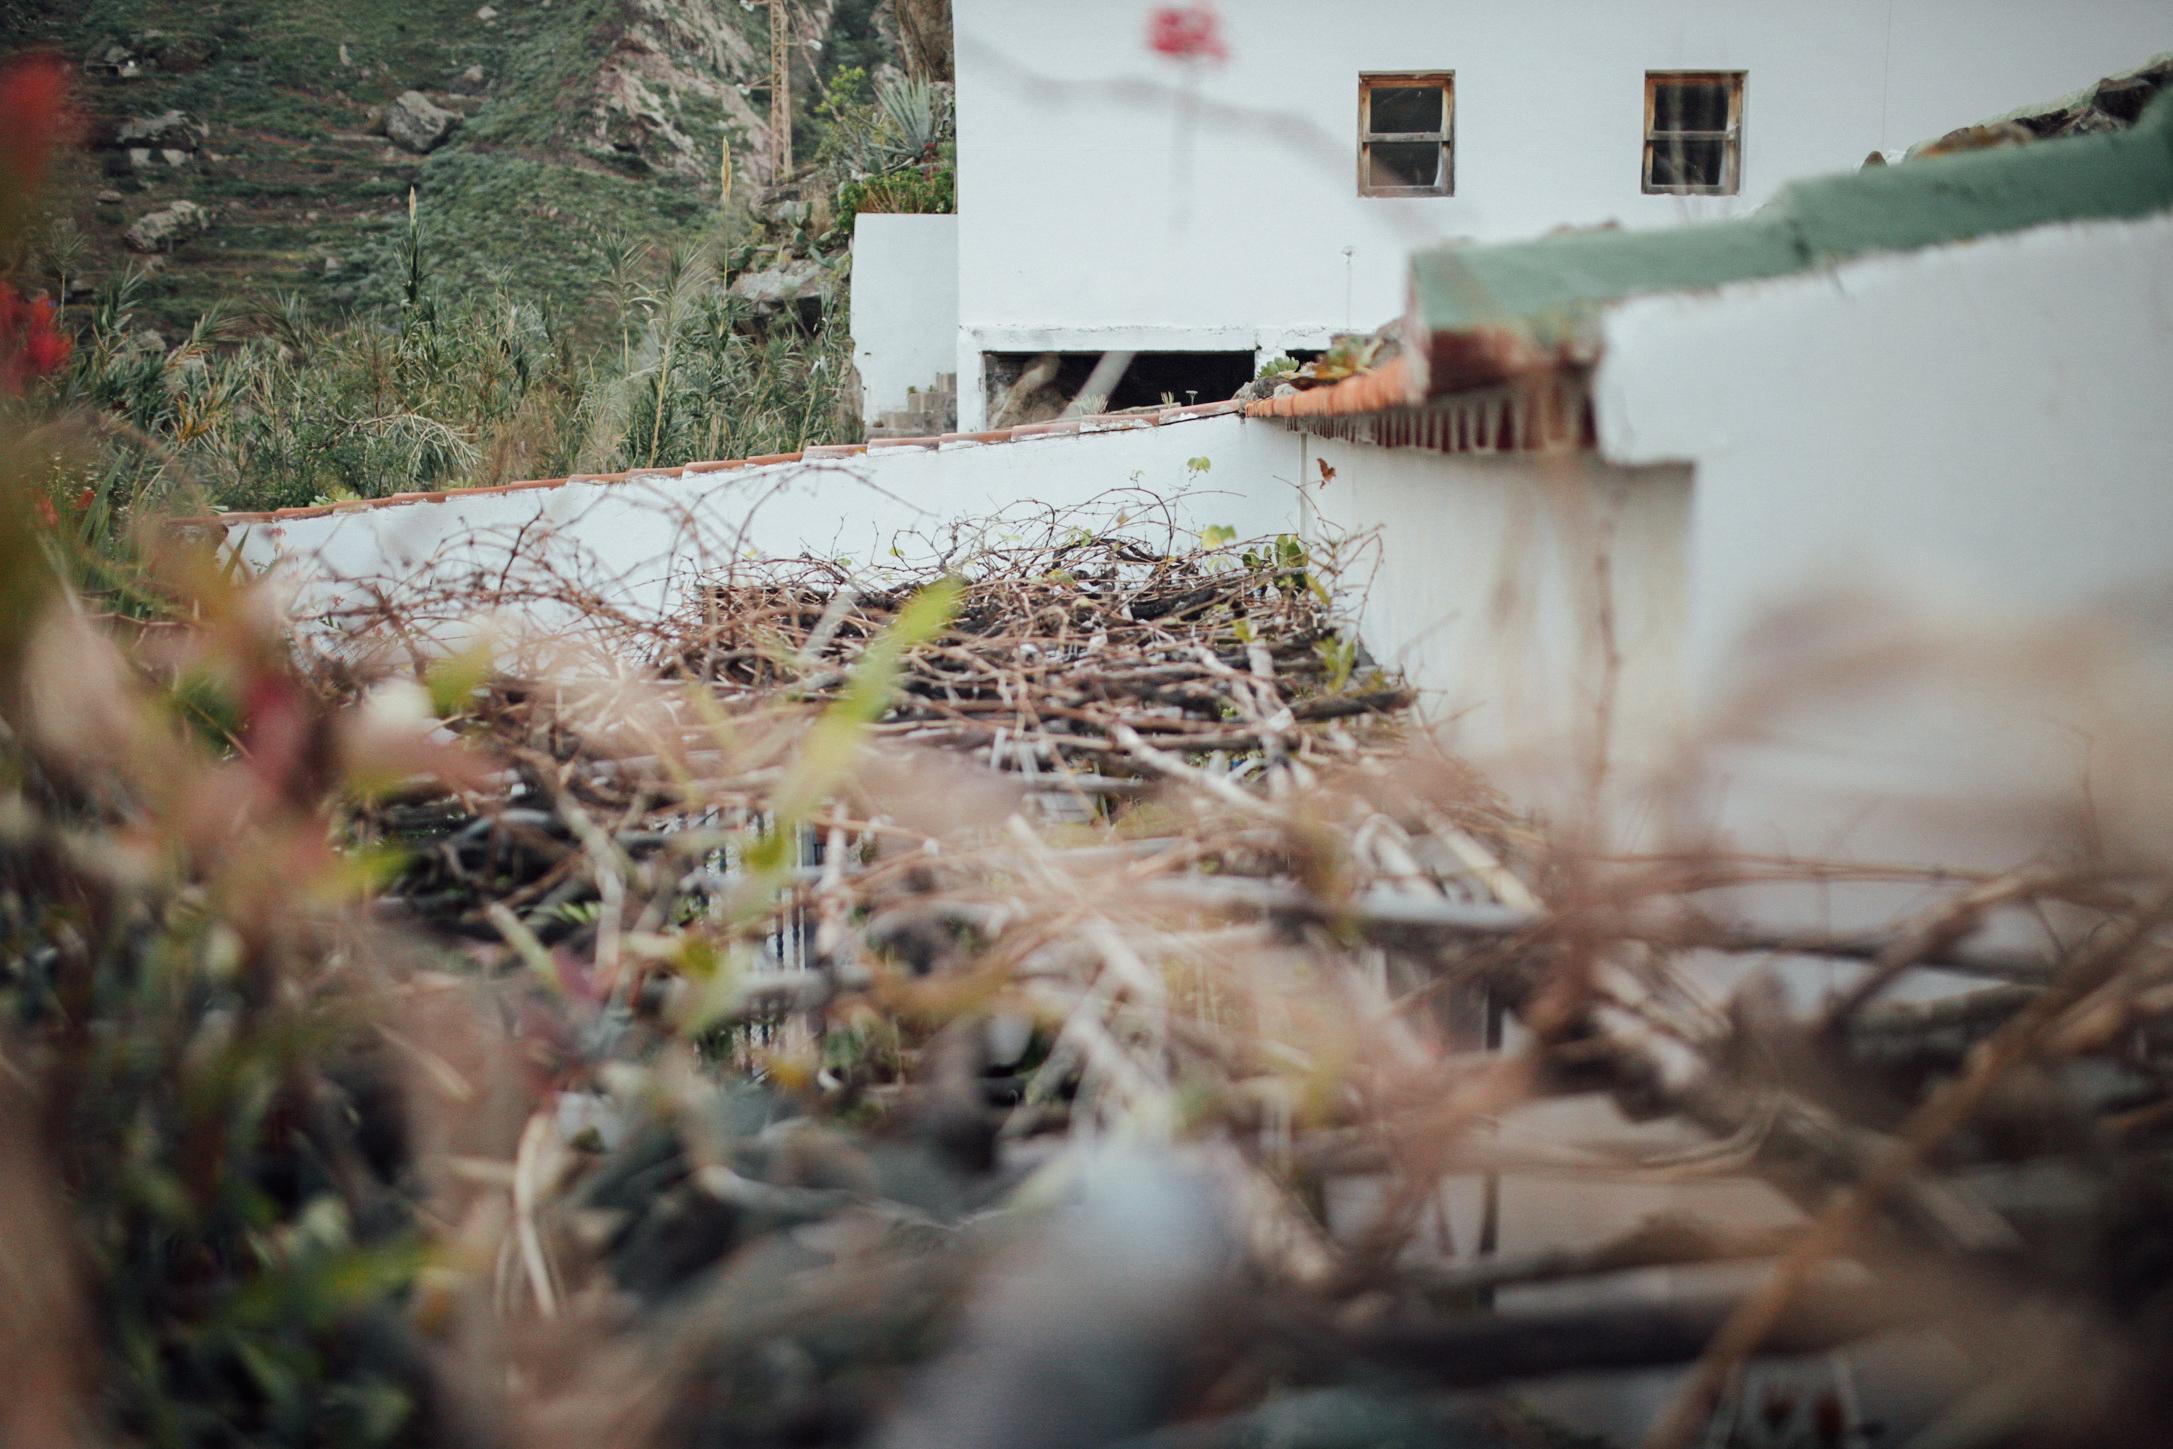 Parras en el tejado:La gente del pueblo todavía sigue haciendo su propio vino //Grapevines on the roof: People still keep making their own wine